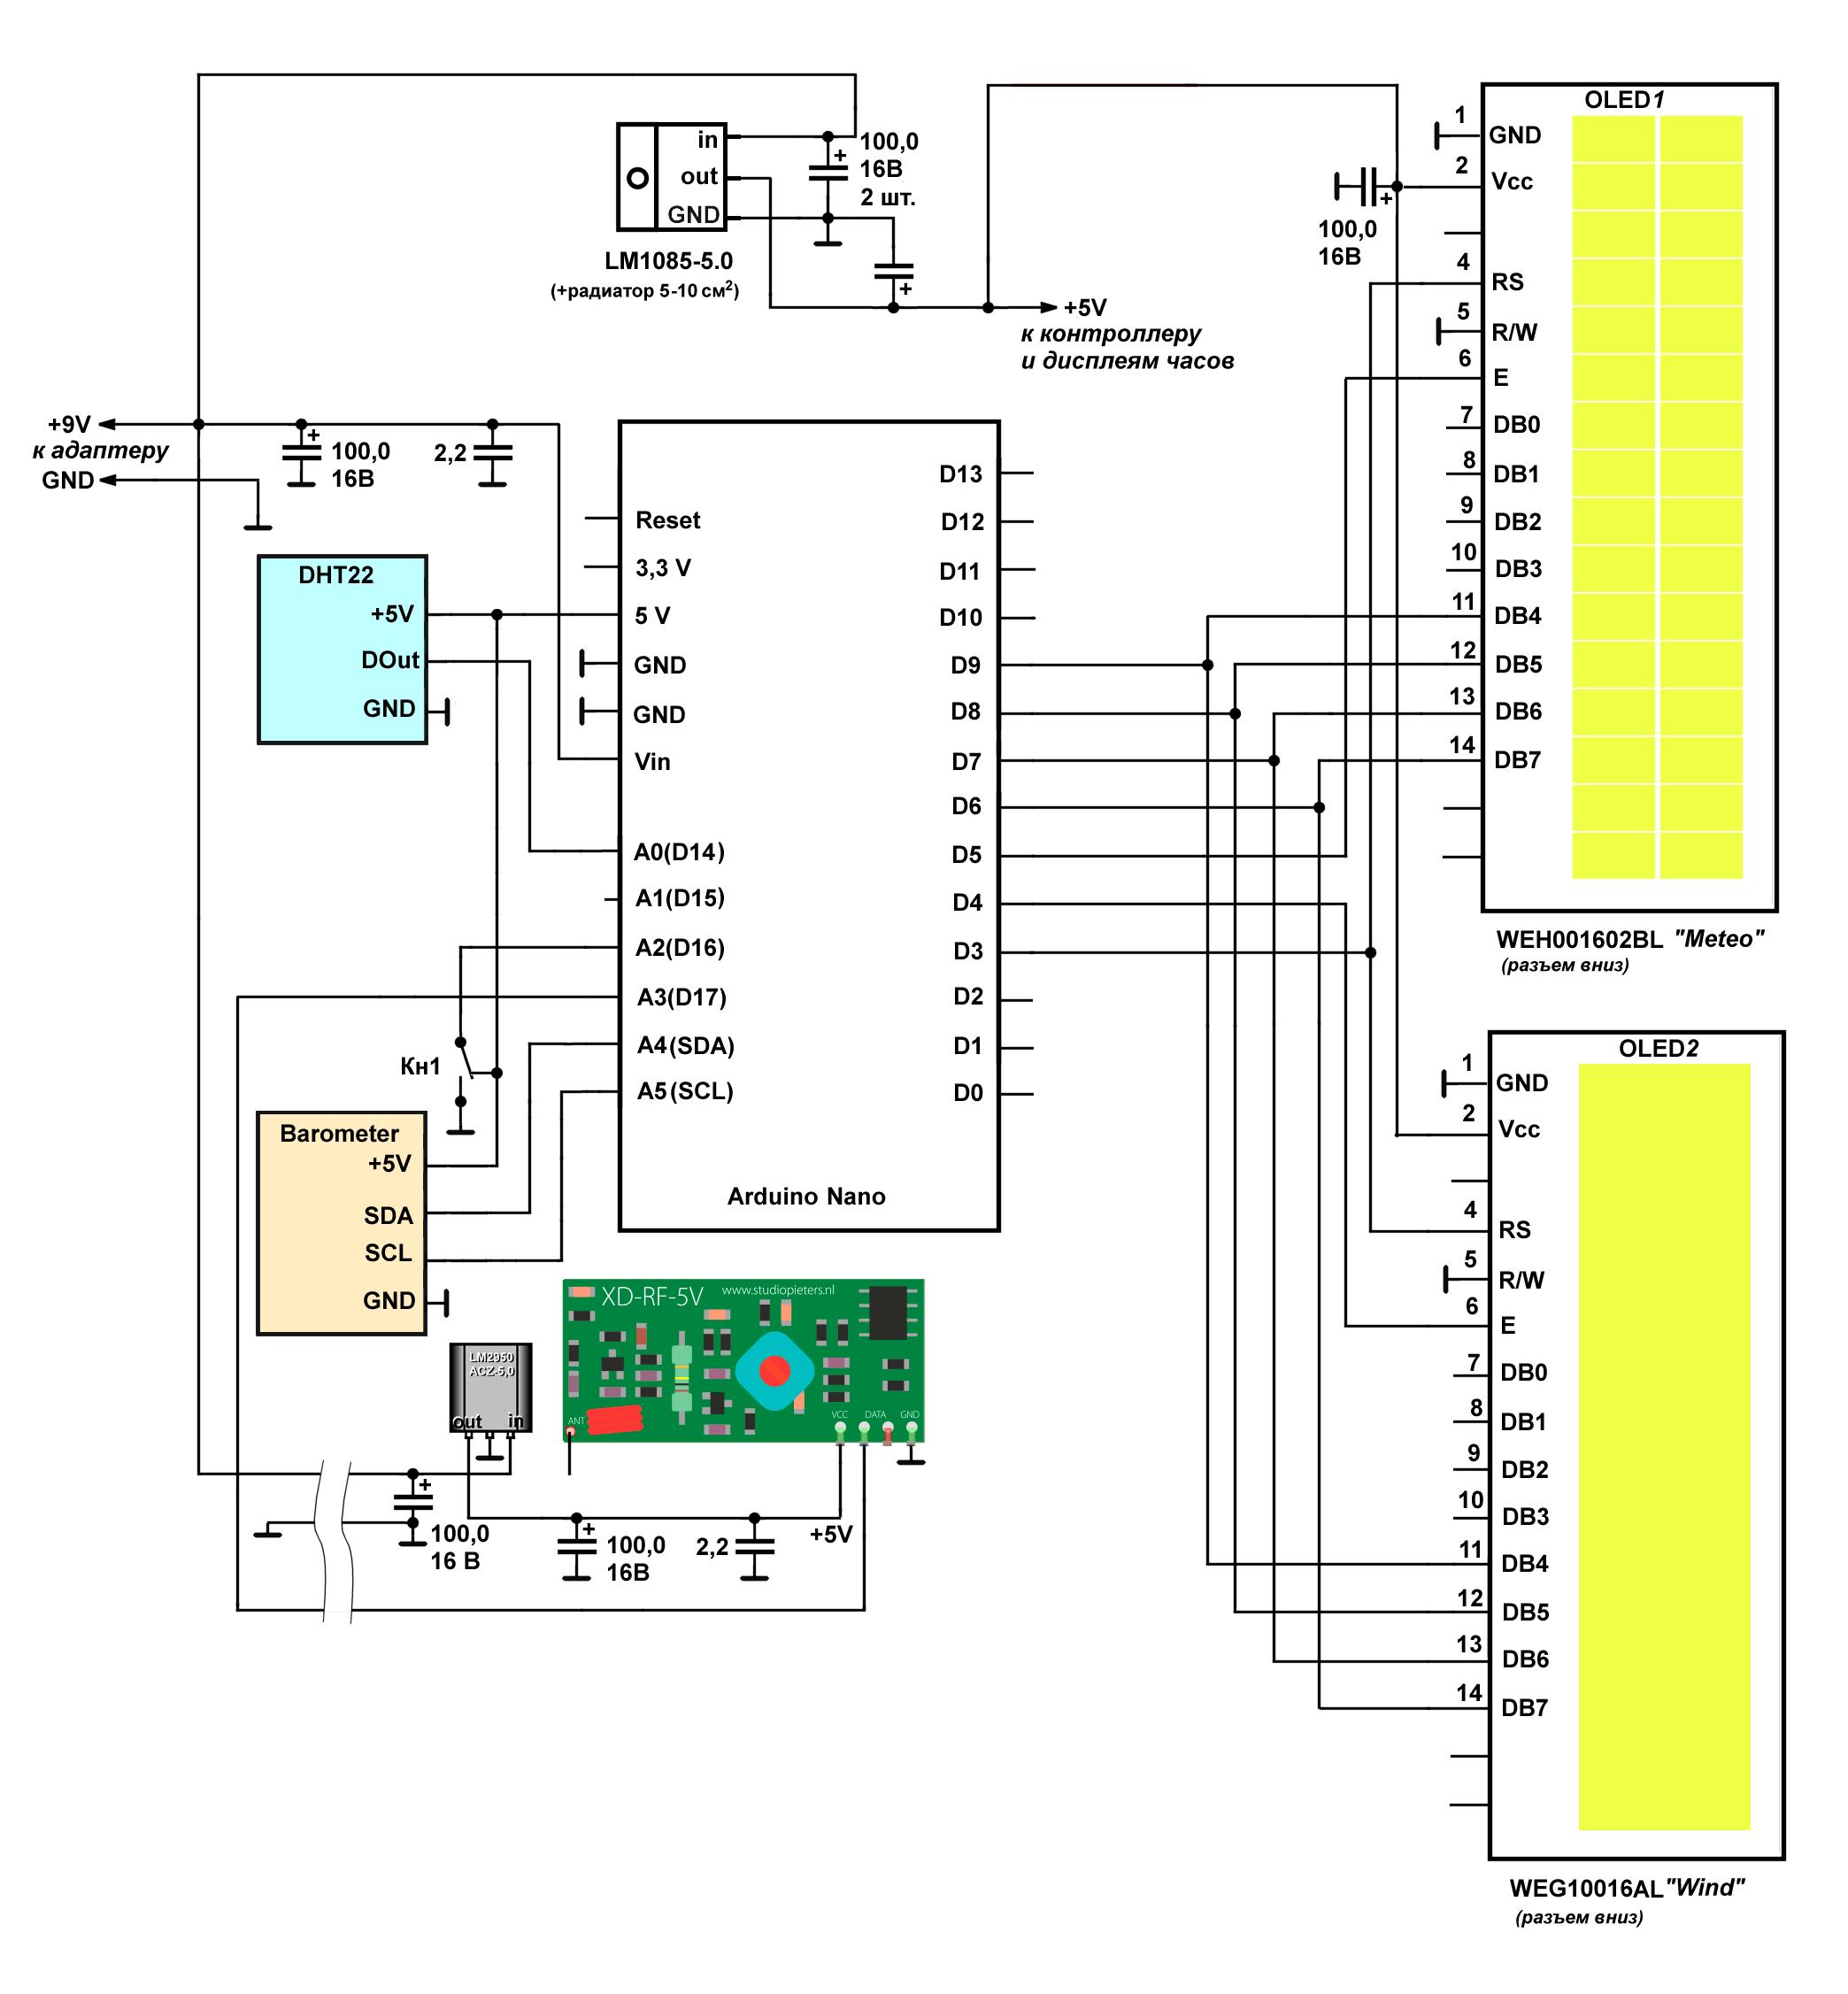 Замер ИТР-0211А - Приборы Схему для измерения температуры и влажности